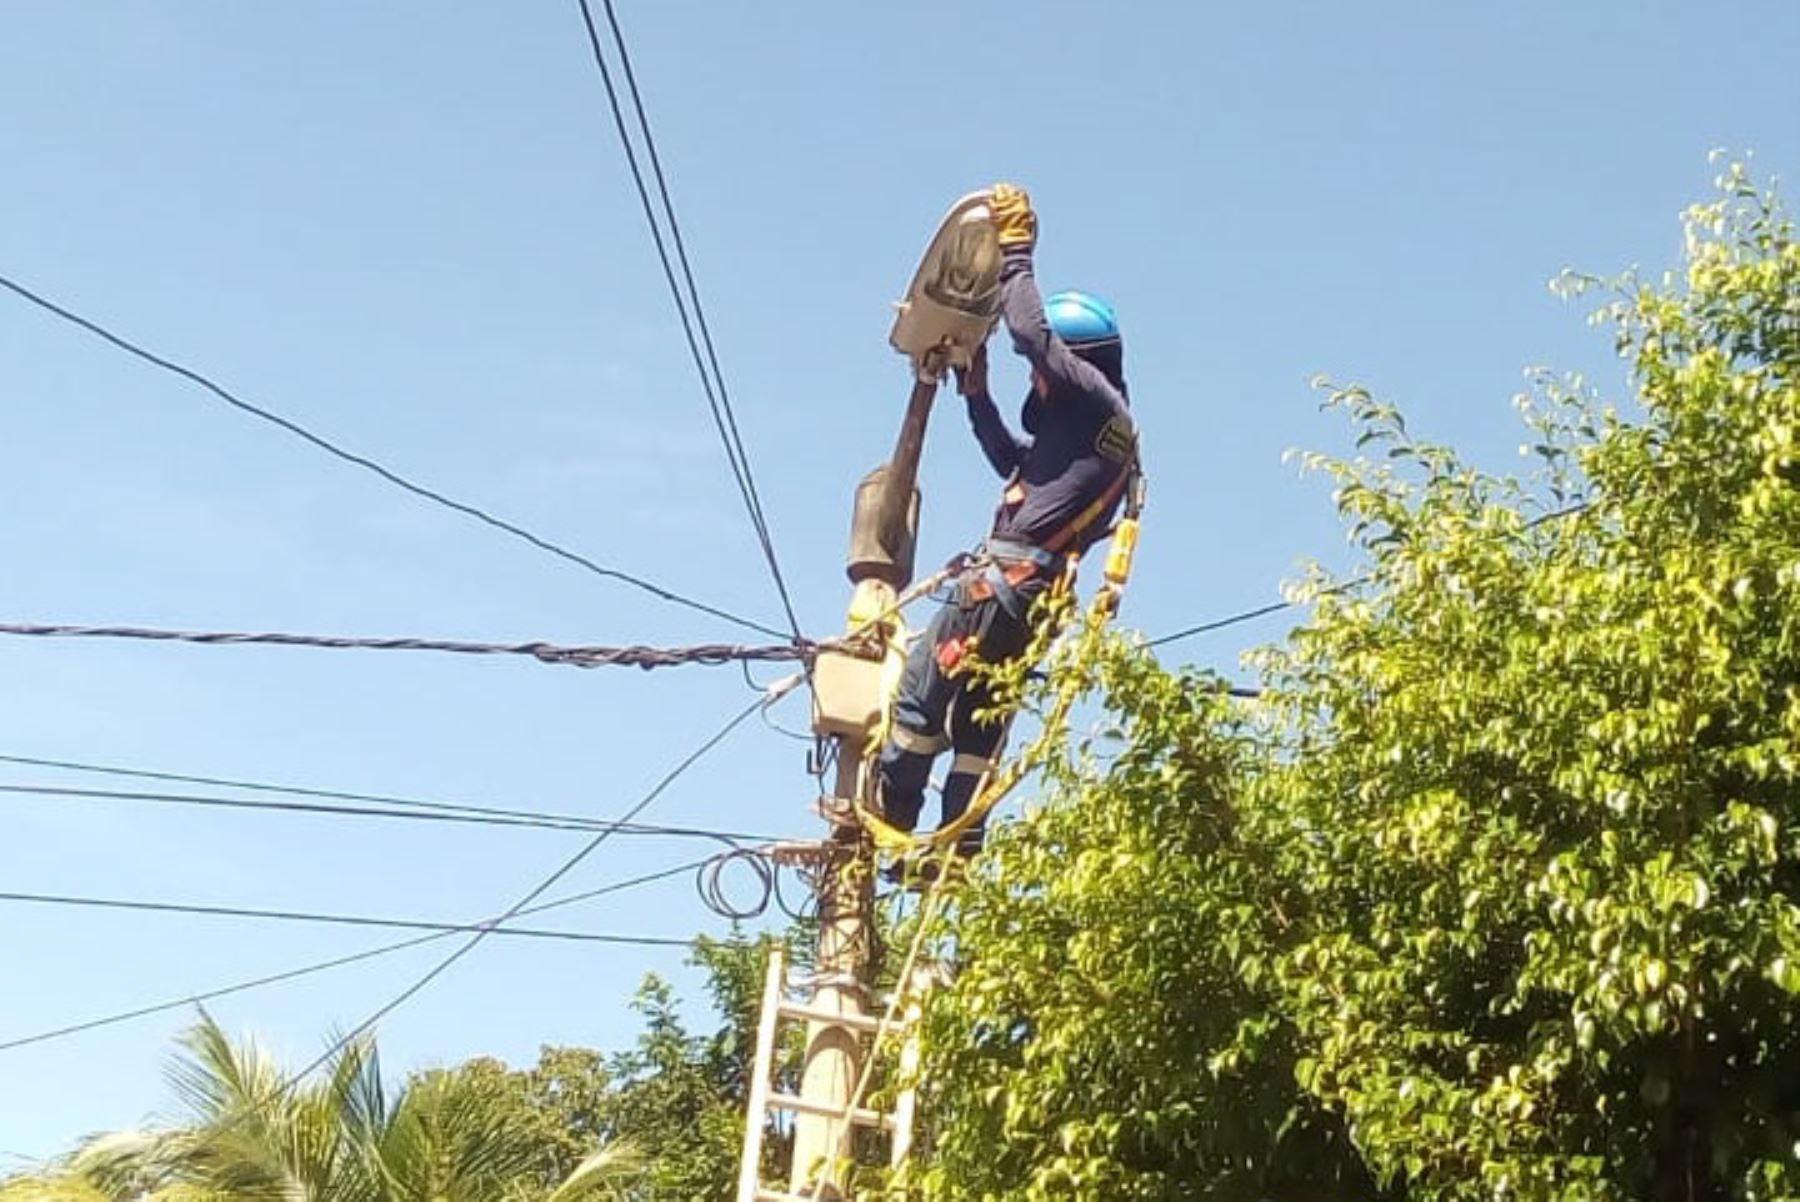 Las calles de diversos sectores de la ciudad de Moyobamba, en la región San Martín, lucen mejor iluminadas y más seguras gracias a los trabajos de mantenimiento y mejora del alumbrado público que realiza la empresa Electro Oriente. ANDINA/Difusión